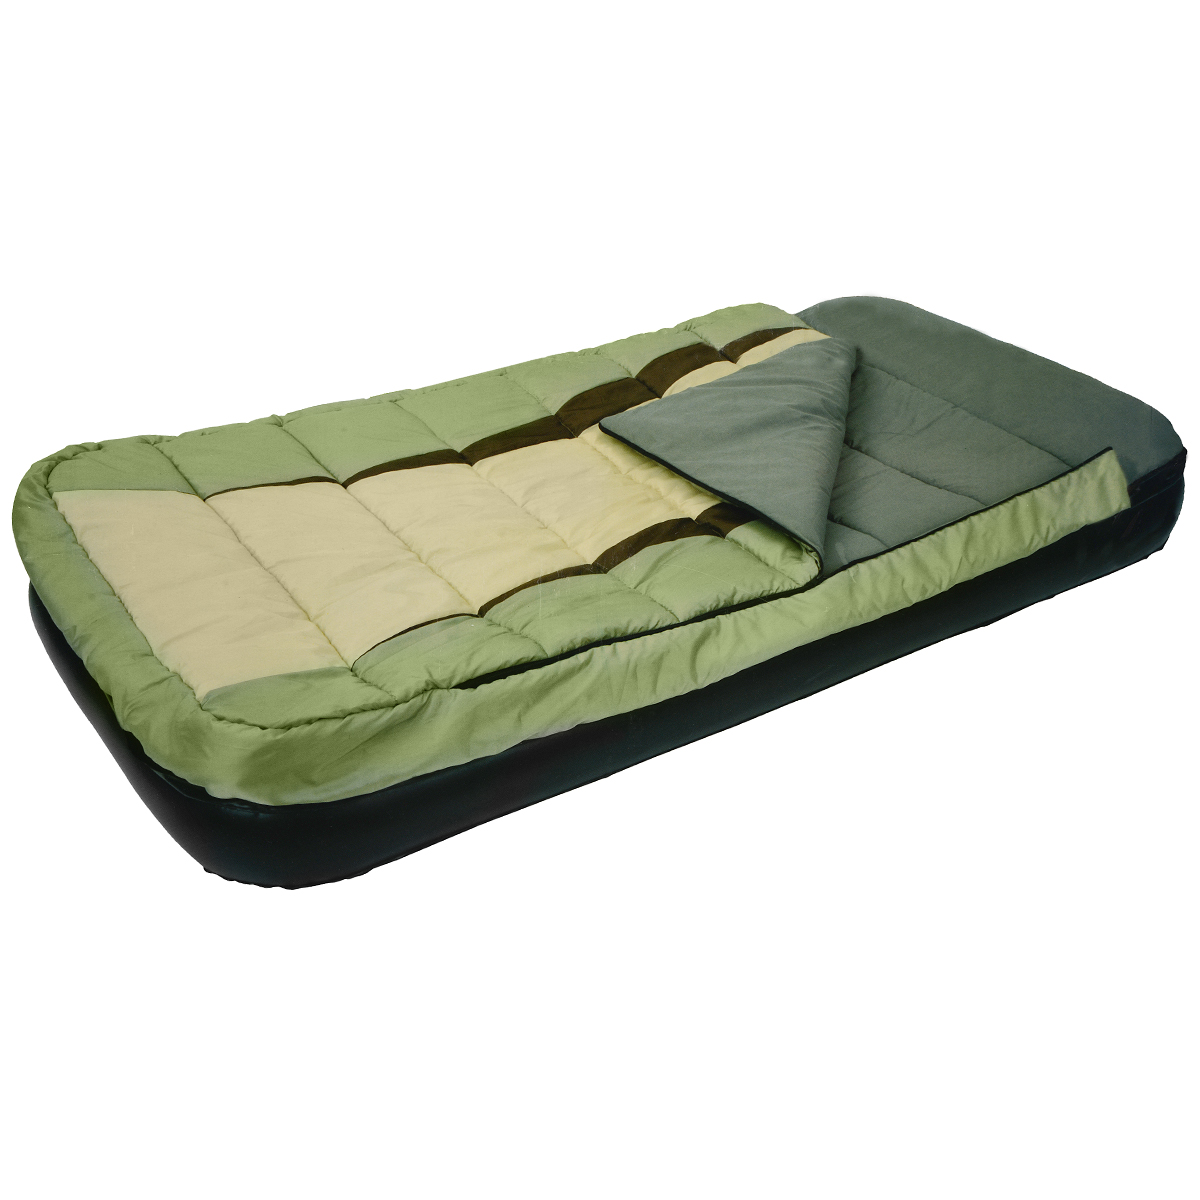 Кровать надувная Relax со спальником, 190 х 99 х 25 см кровати детские kidkraft кровать sleigh